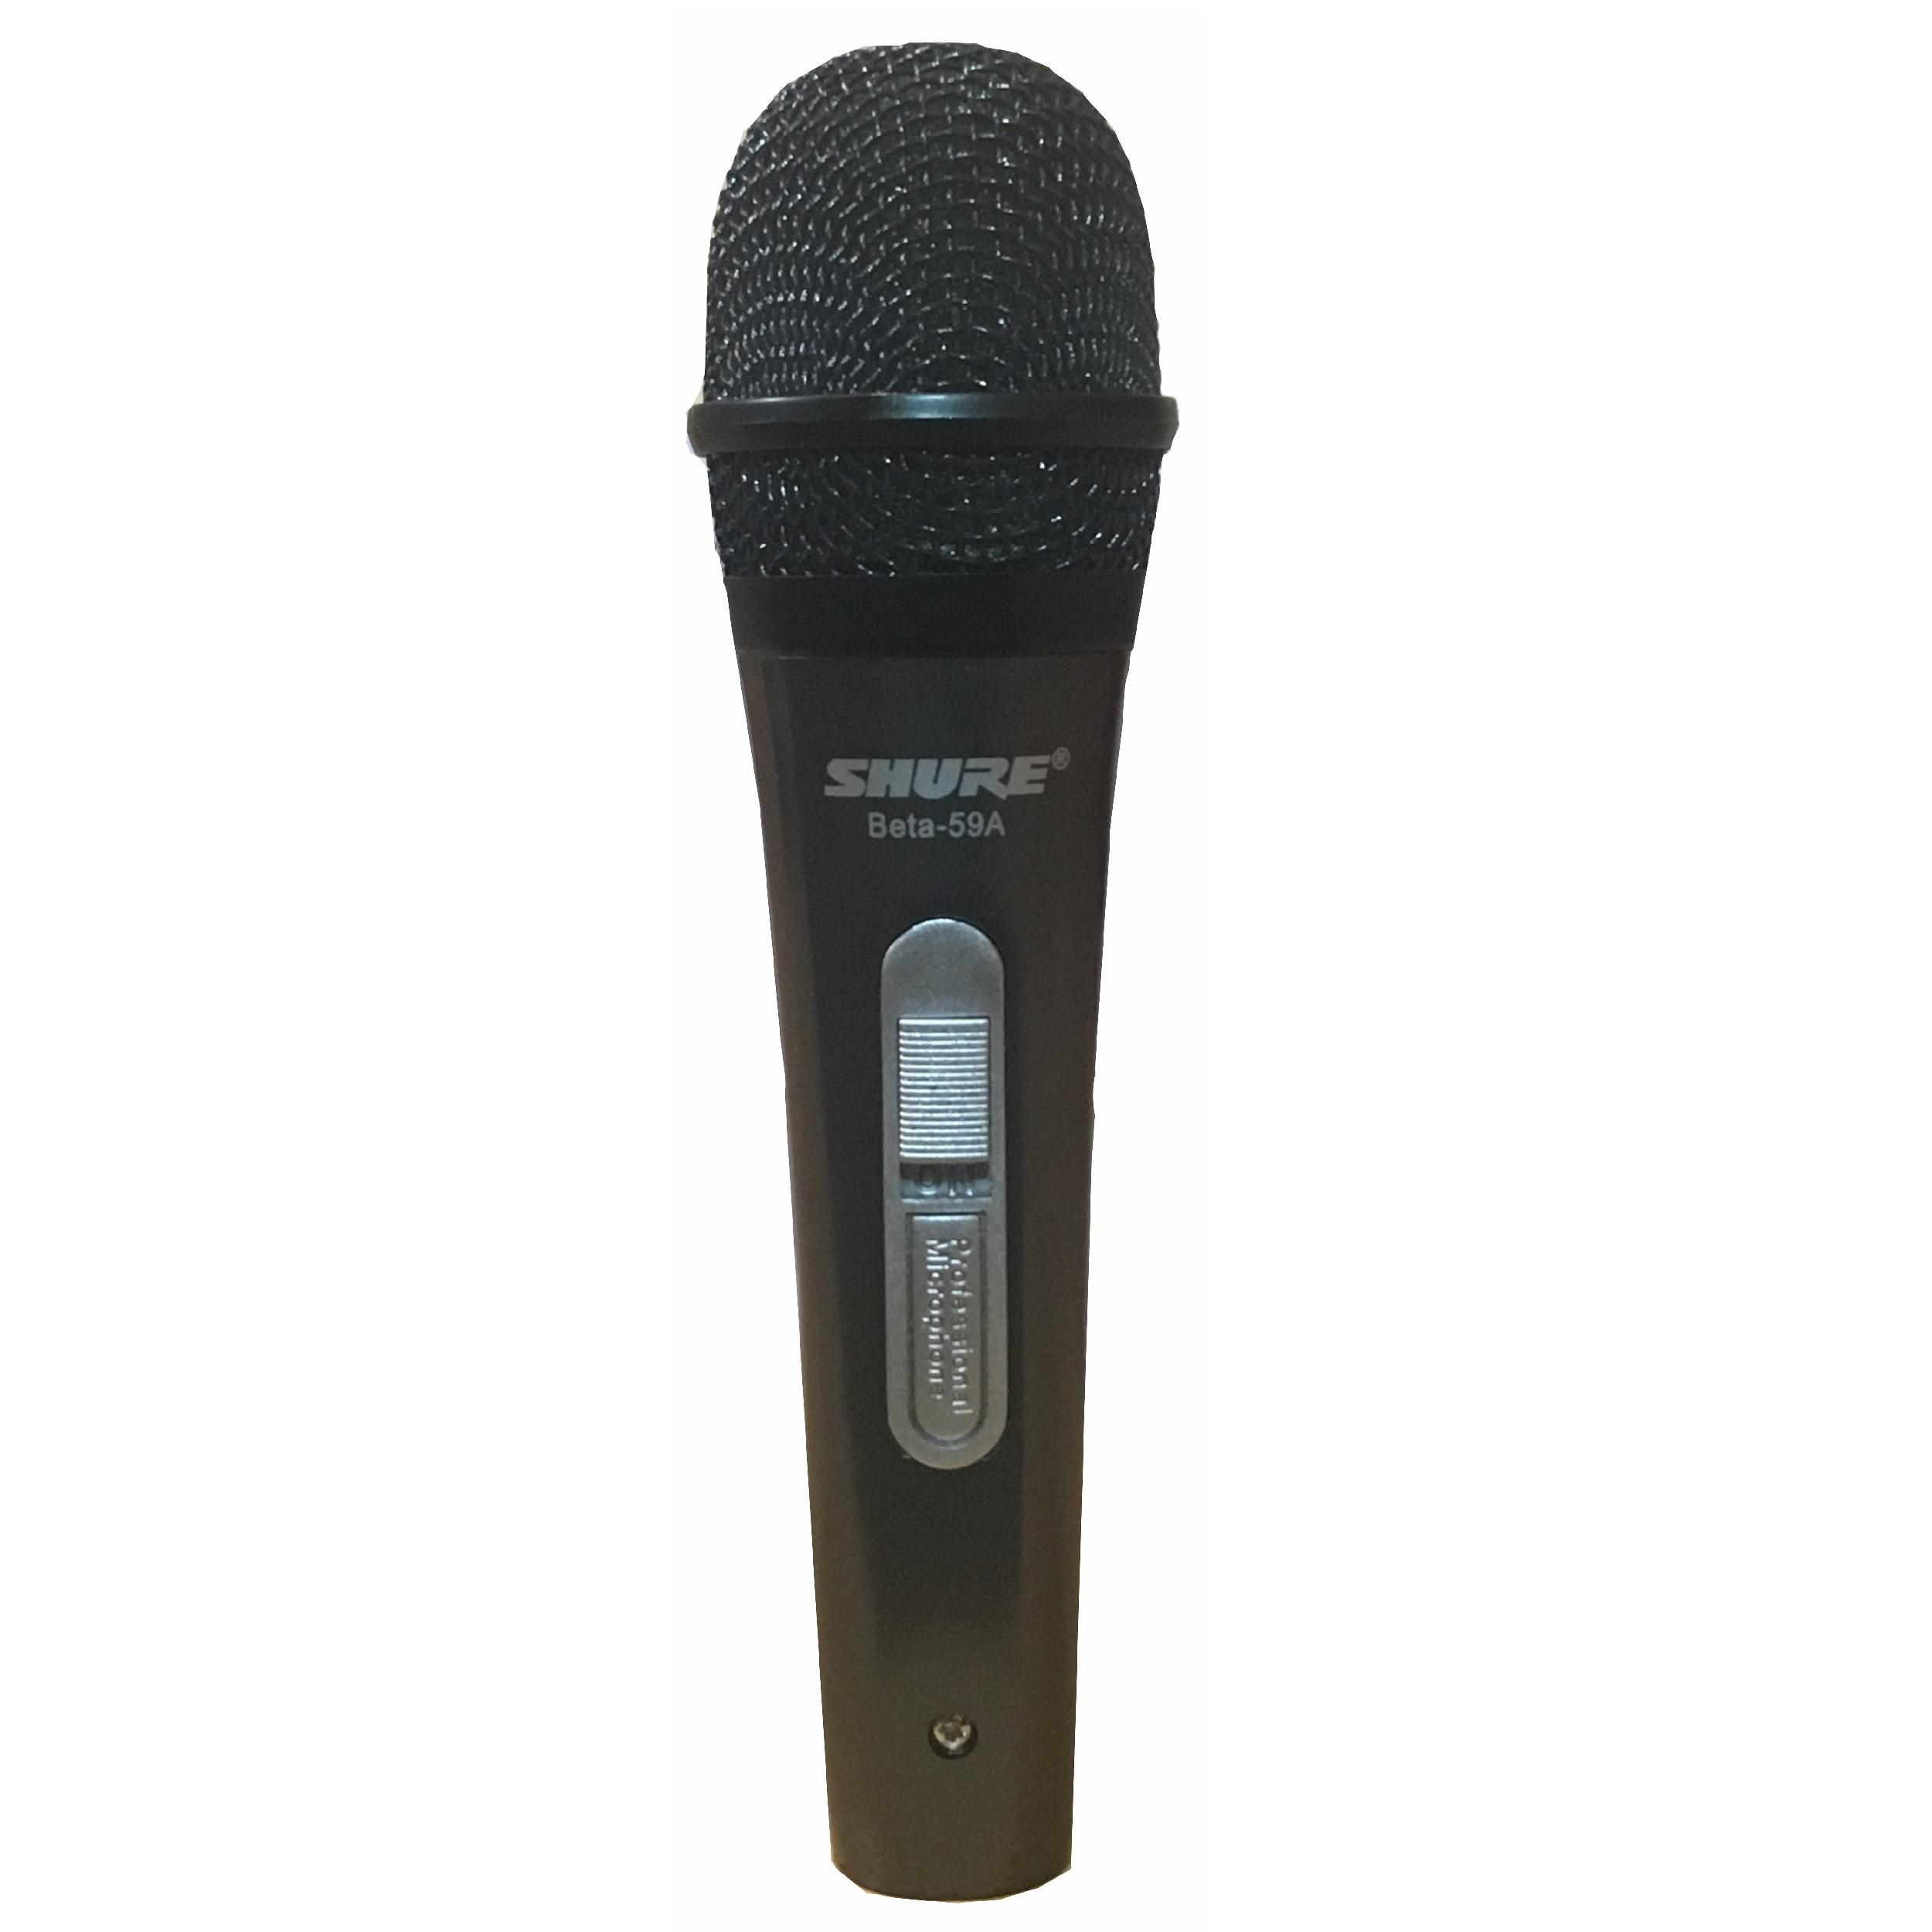 خرید                     میکروفن با سیم شور بتا 59A